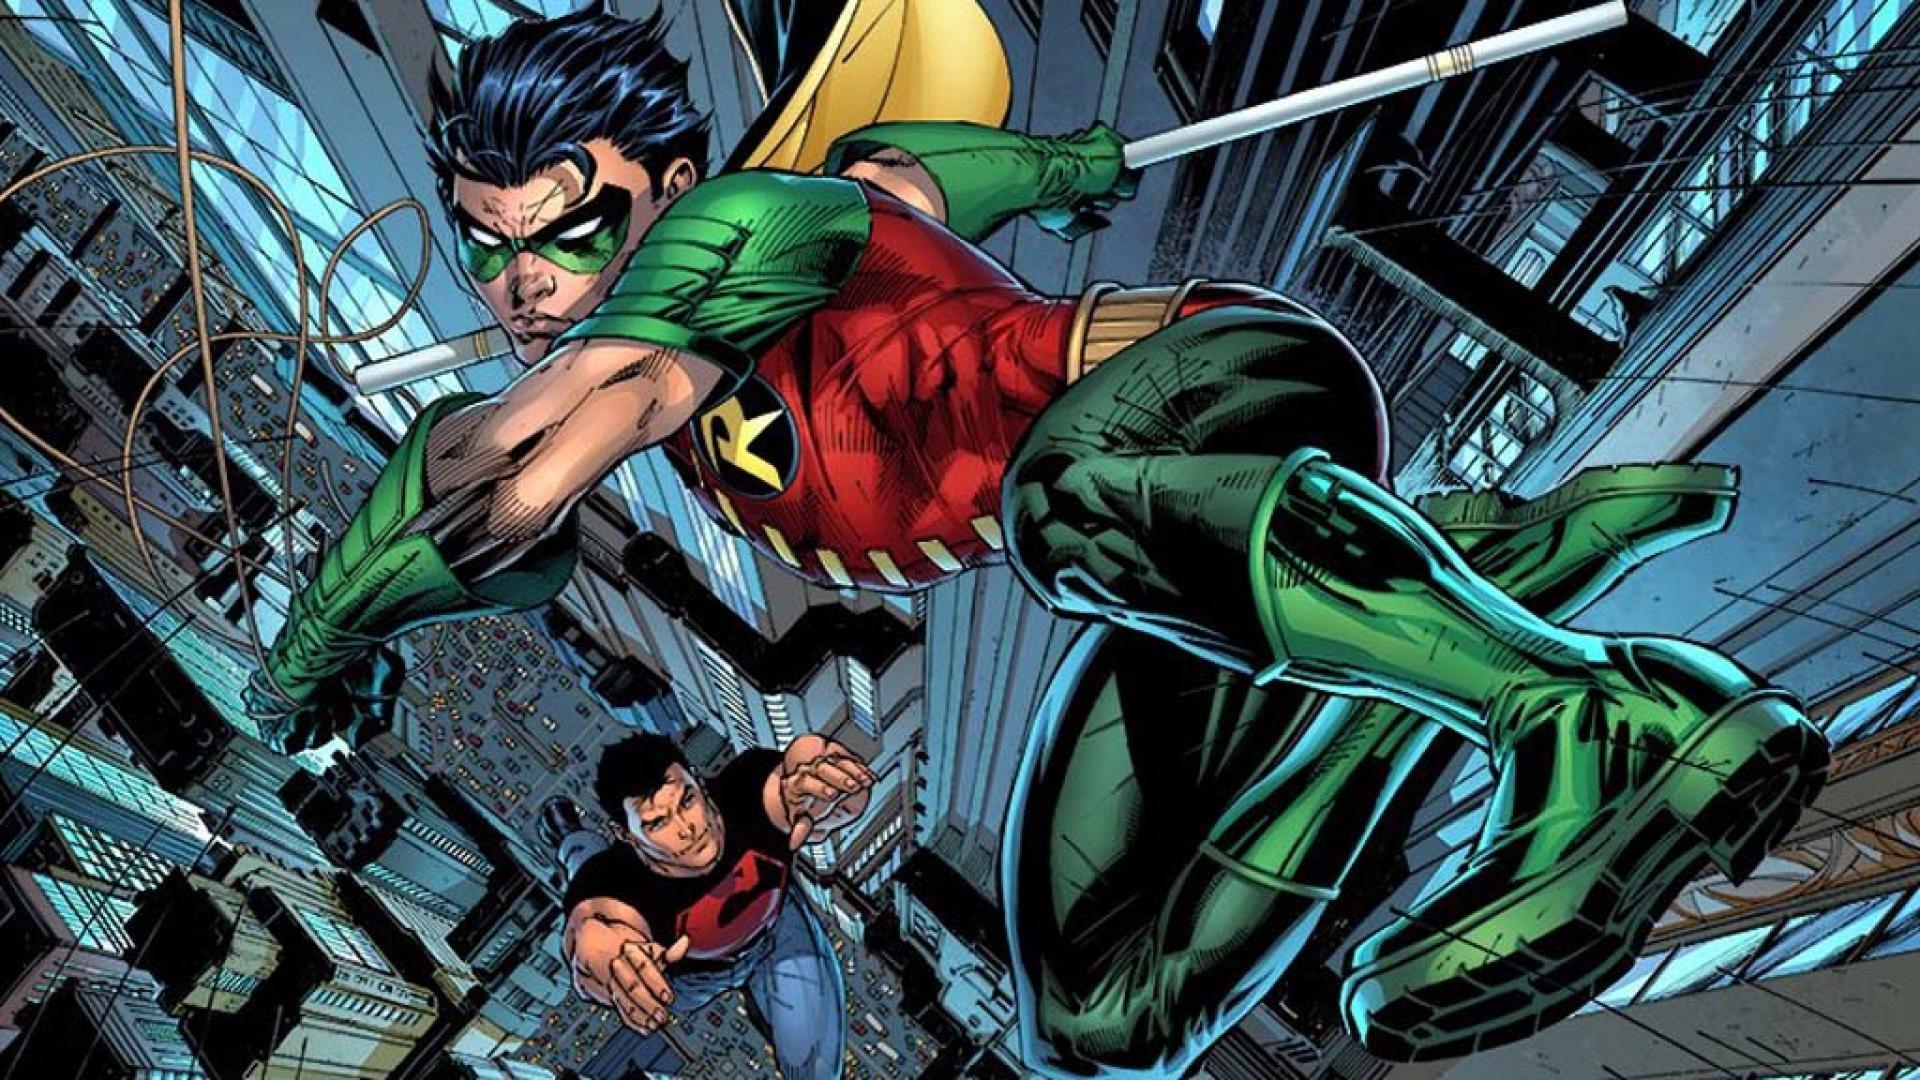 Dc comics robin superboy teen titans young justice wallpaper .